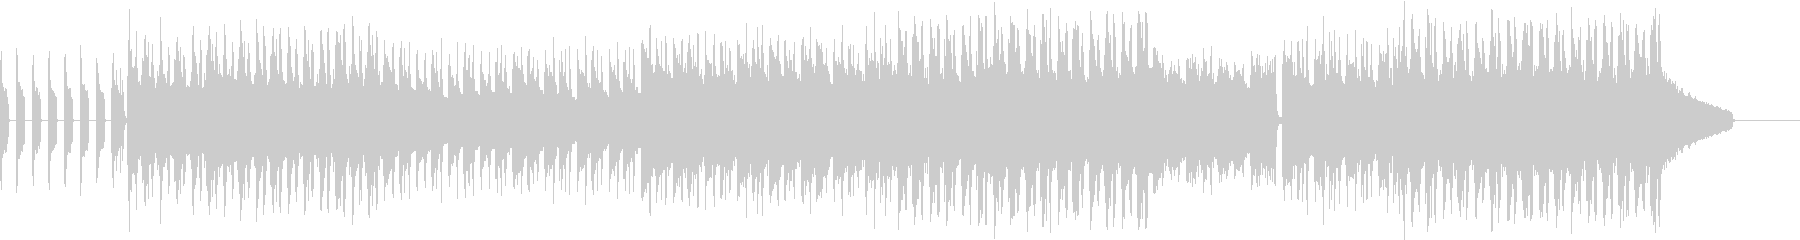 切ないチルアウト、エレクトロの未再生の波形